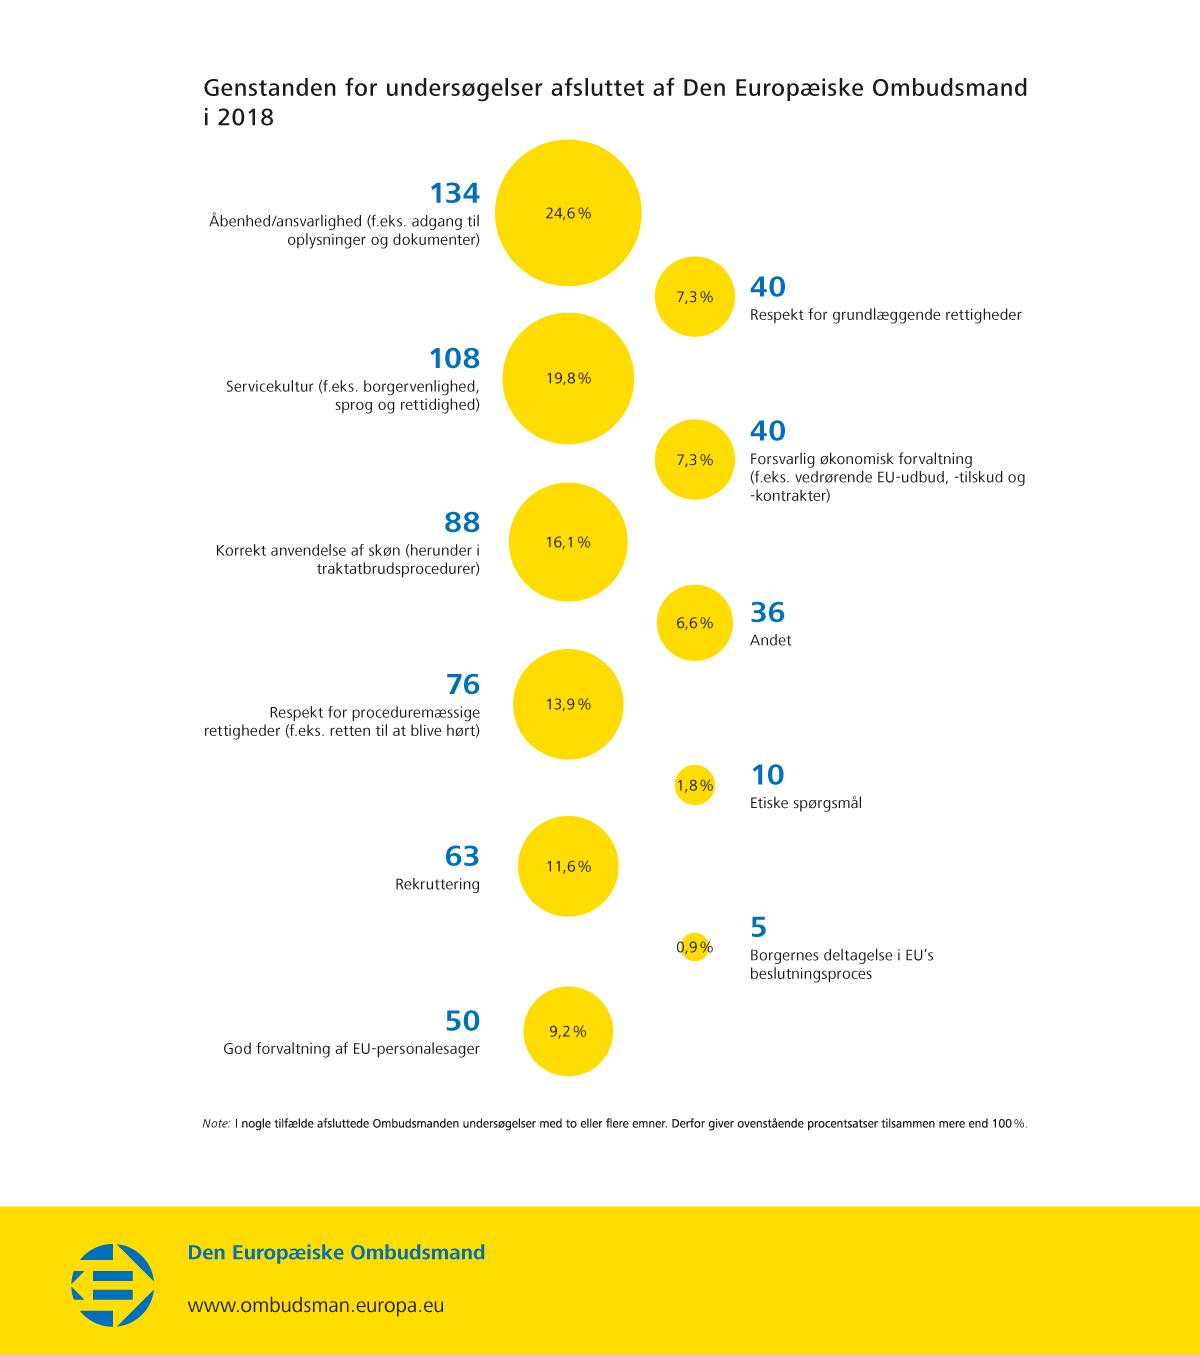 Genstanden for undersøgelser afsluttet af Den Europæiske Ombudsmand i 2018